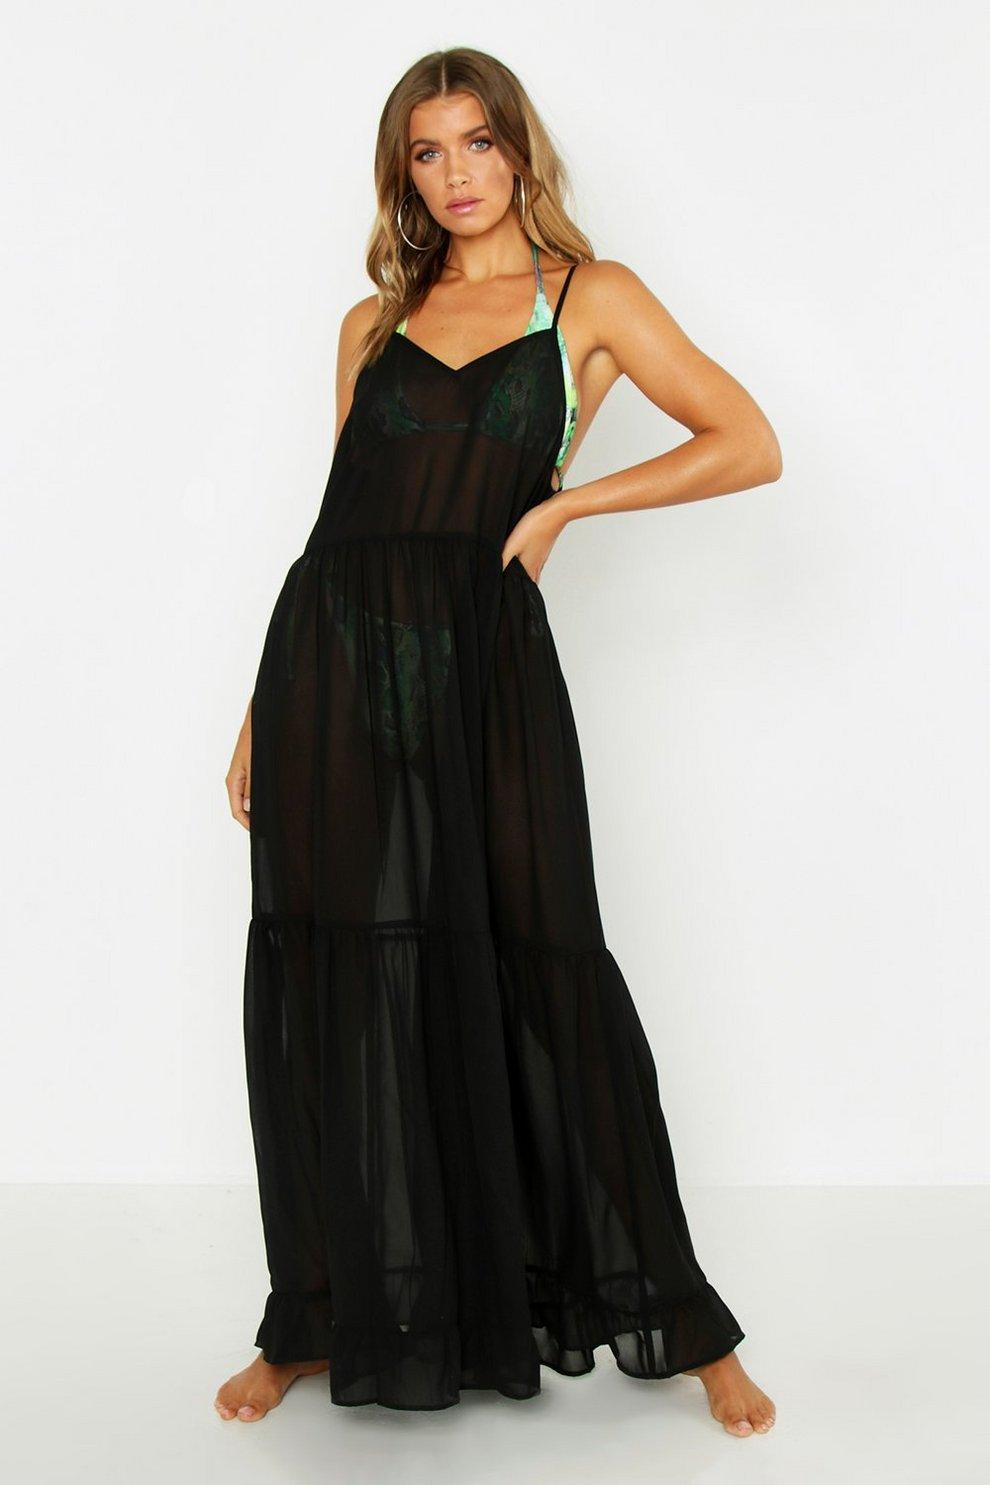 b50c5a82c3f Tiered Chiffon Beach Maxi Dress | Boohoo